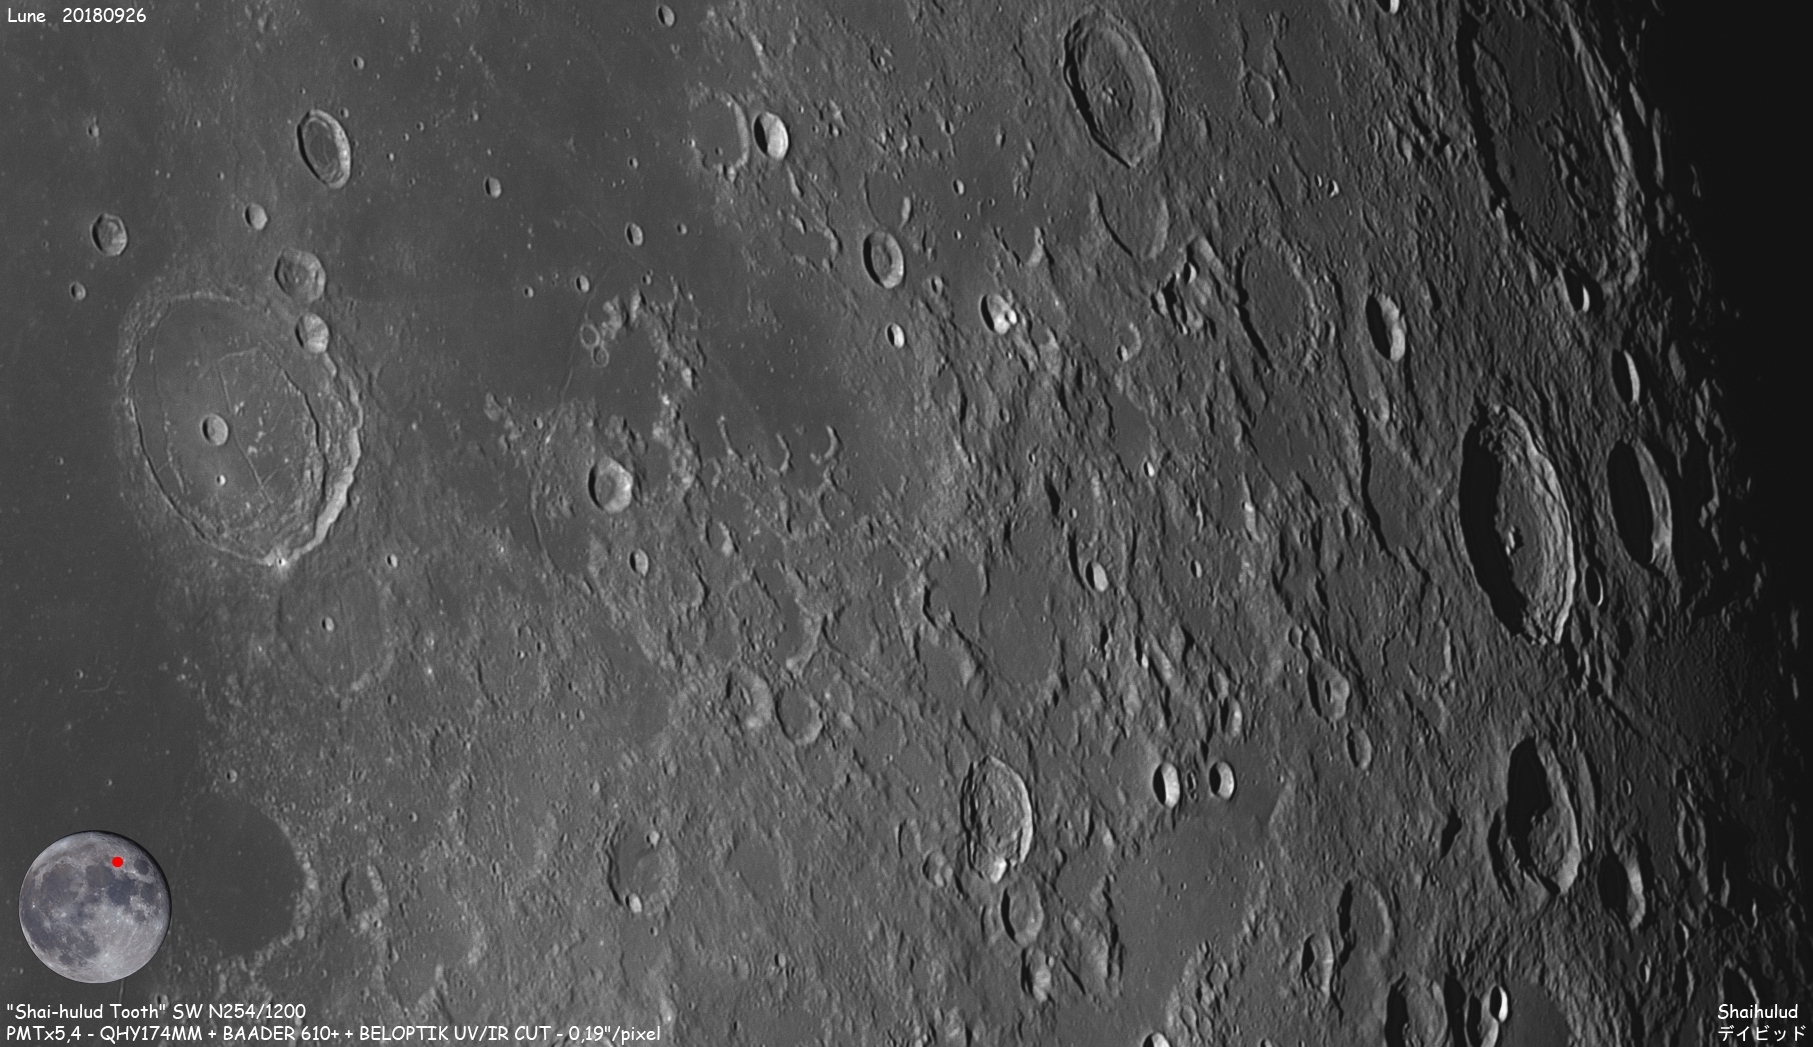 Survol lunaire 20180926 (Attention, le 254 à 6480 de focale cela pique les yeux) OvjIw0qI5CWy_16536x16536_wmhqkGbg